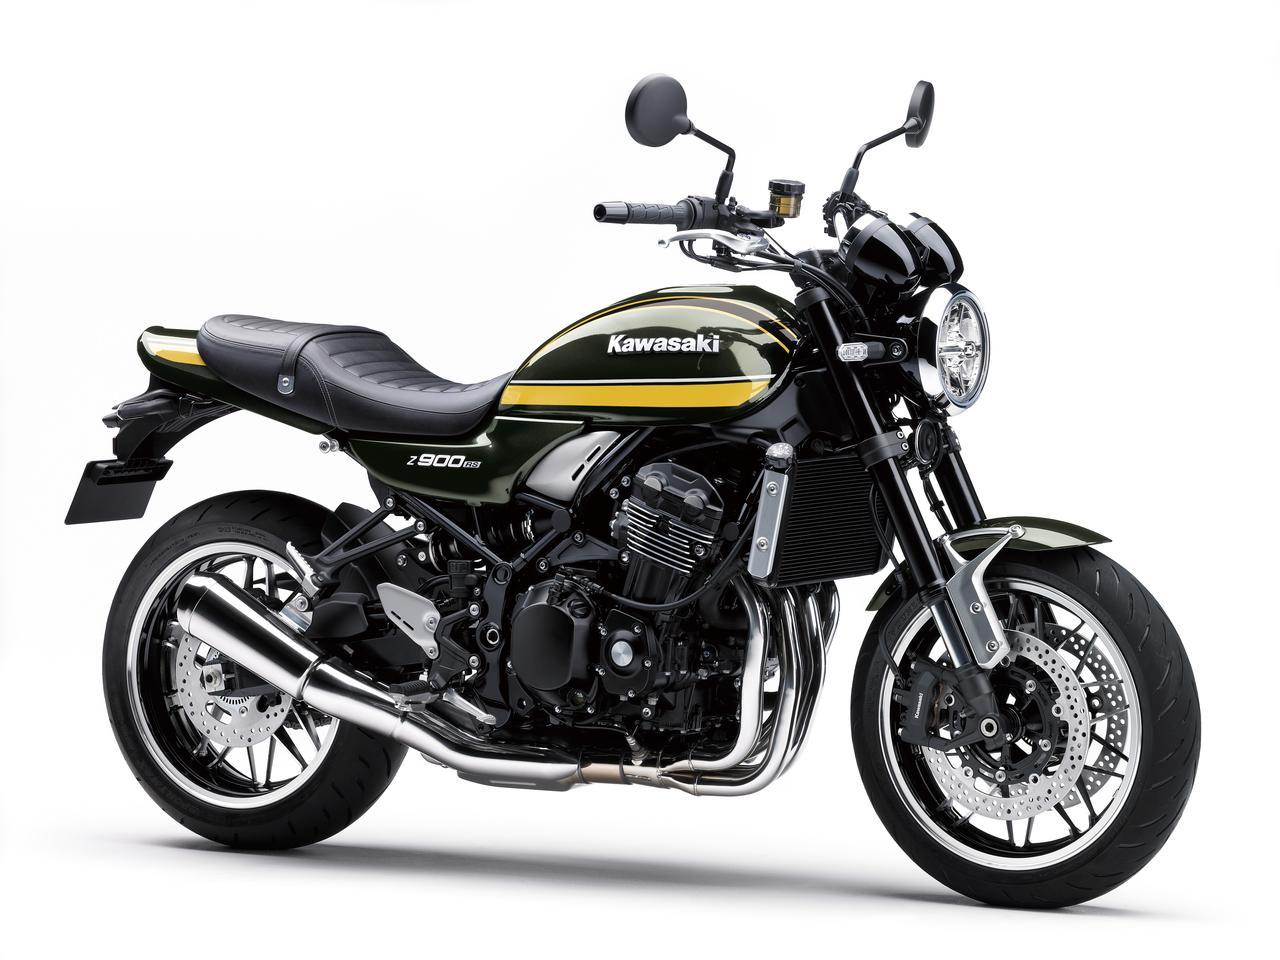 画像1: カワサキが「Z900RS」「Z900RS CAFE」の2020年モデルを早くも発表!